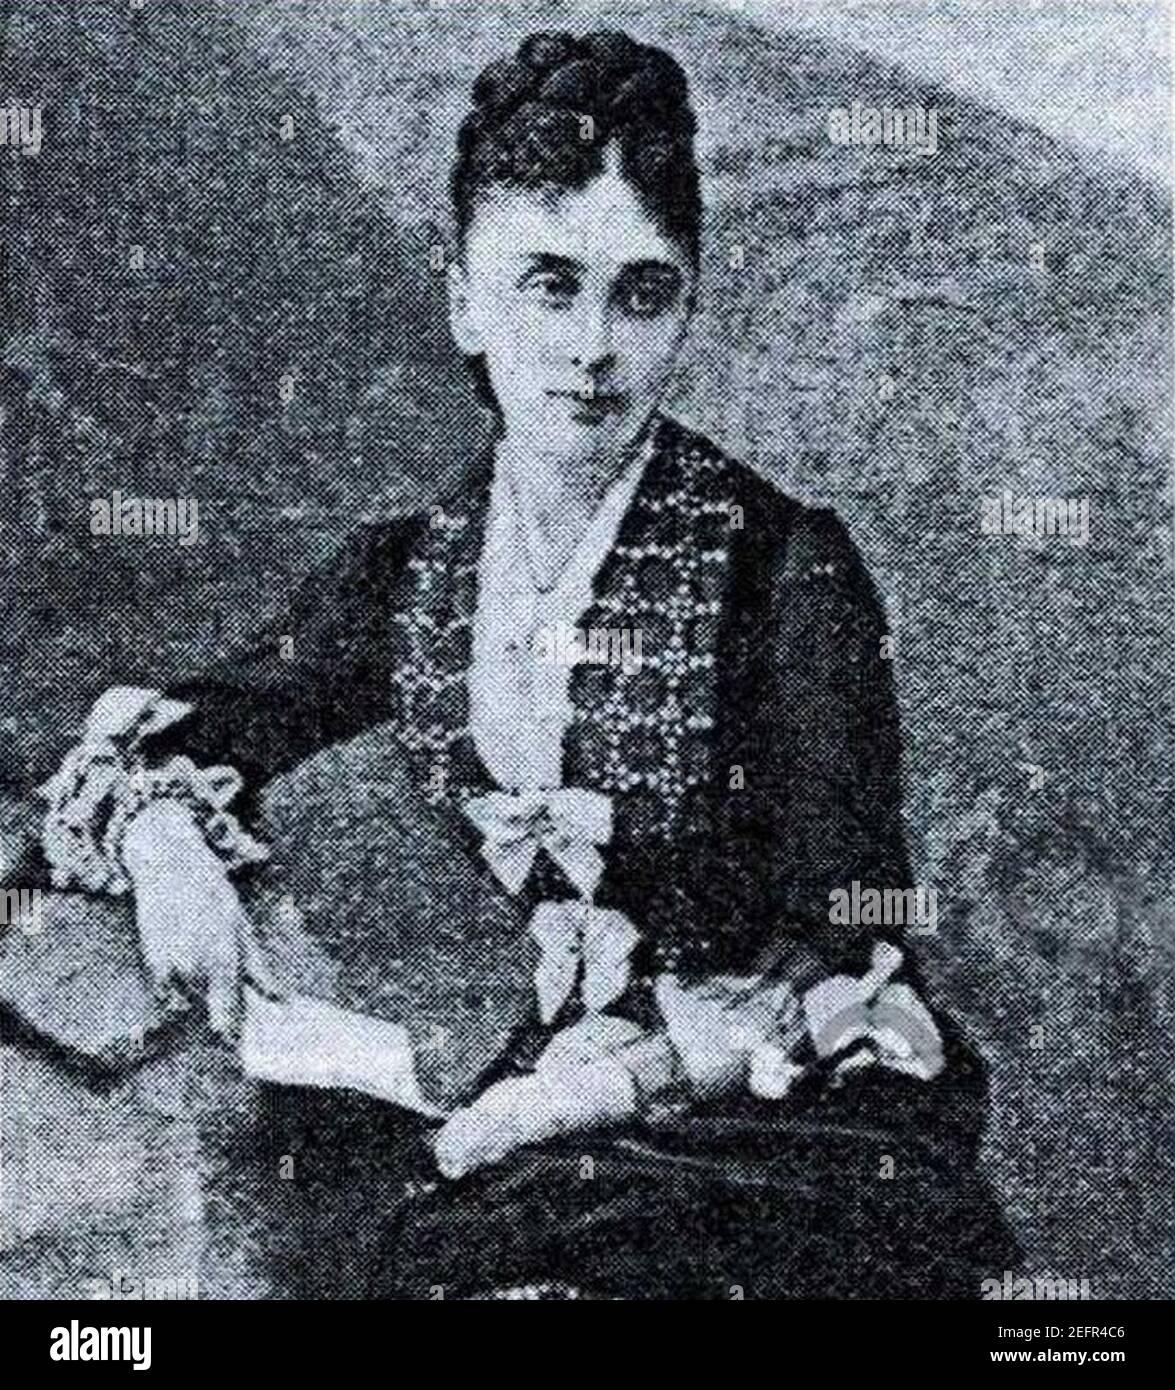 Olga Chertkova. Stock Photo